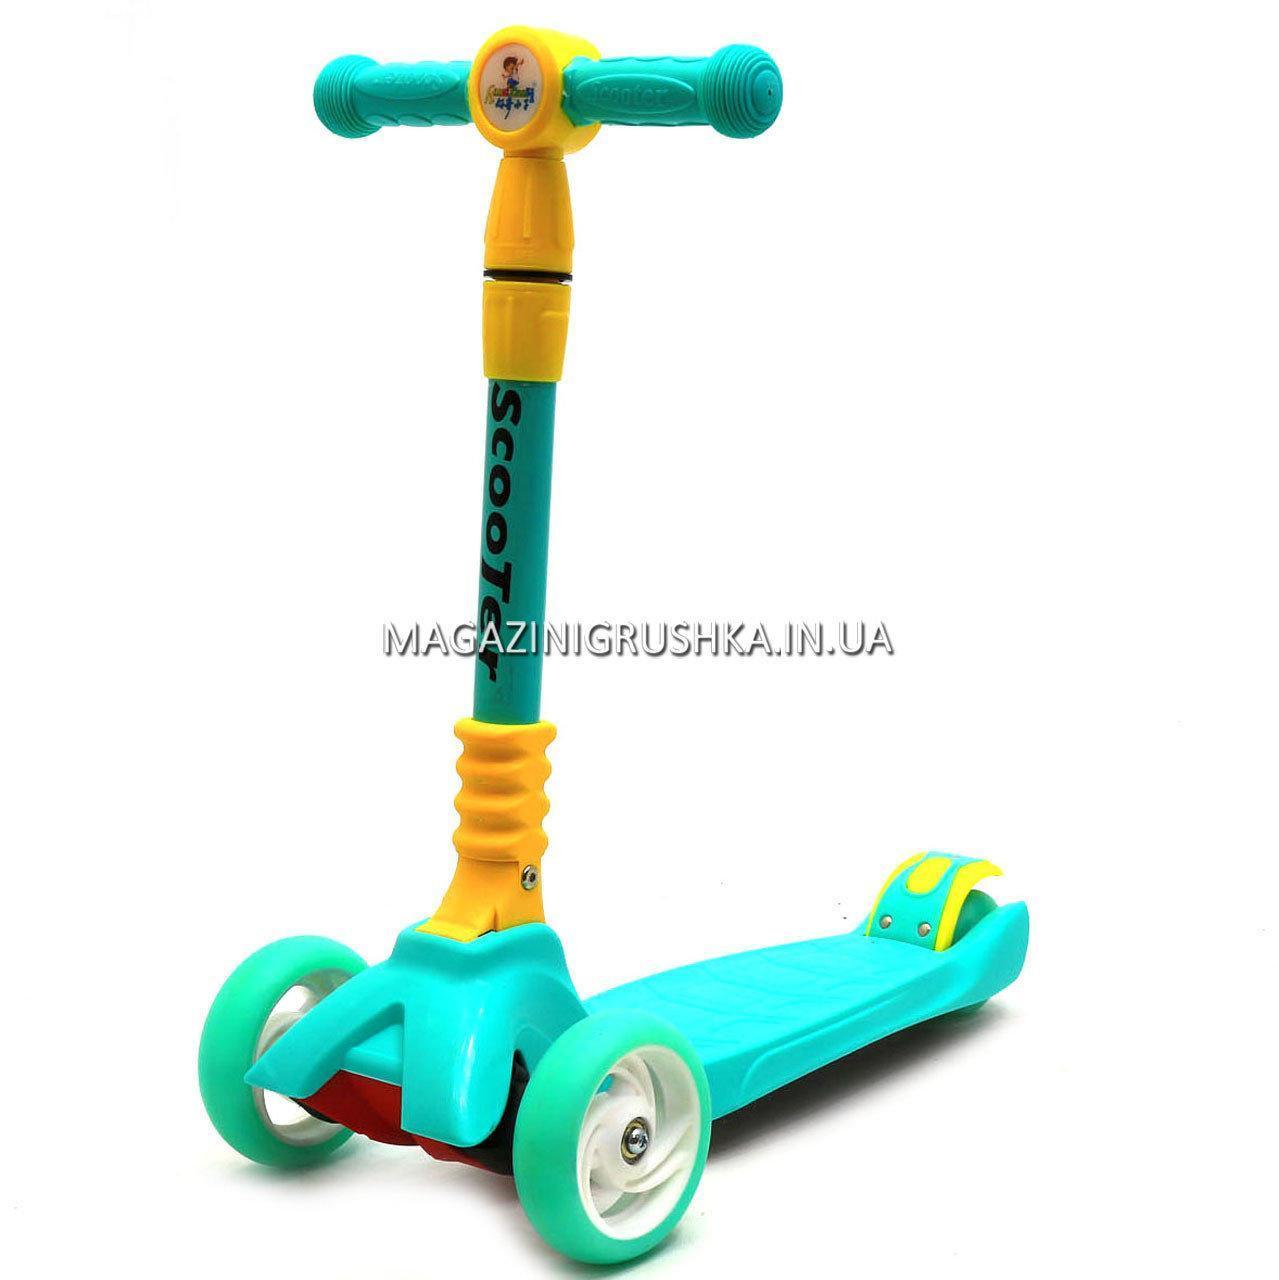 Самокат трехколесный детский G042 (ПУ колеса, тихие, светящиеся) - Бирюзовый